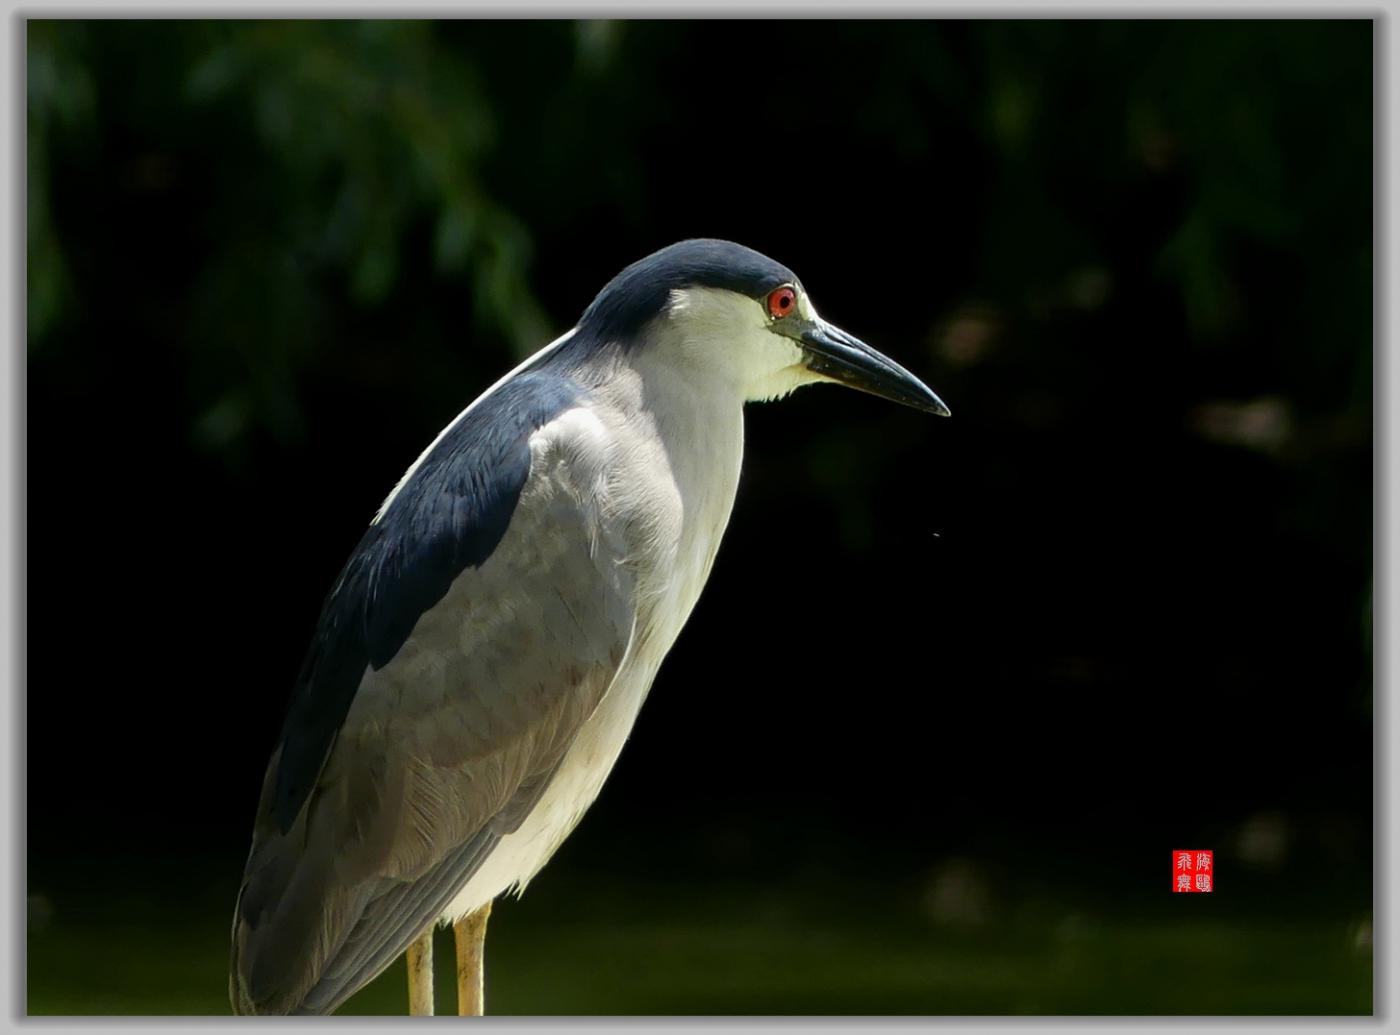 小机摄鸟-4_图1-7